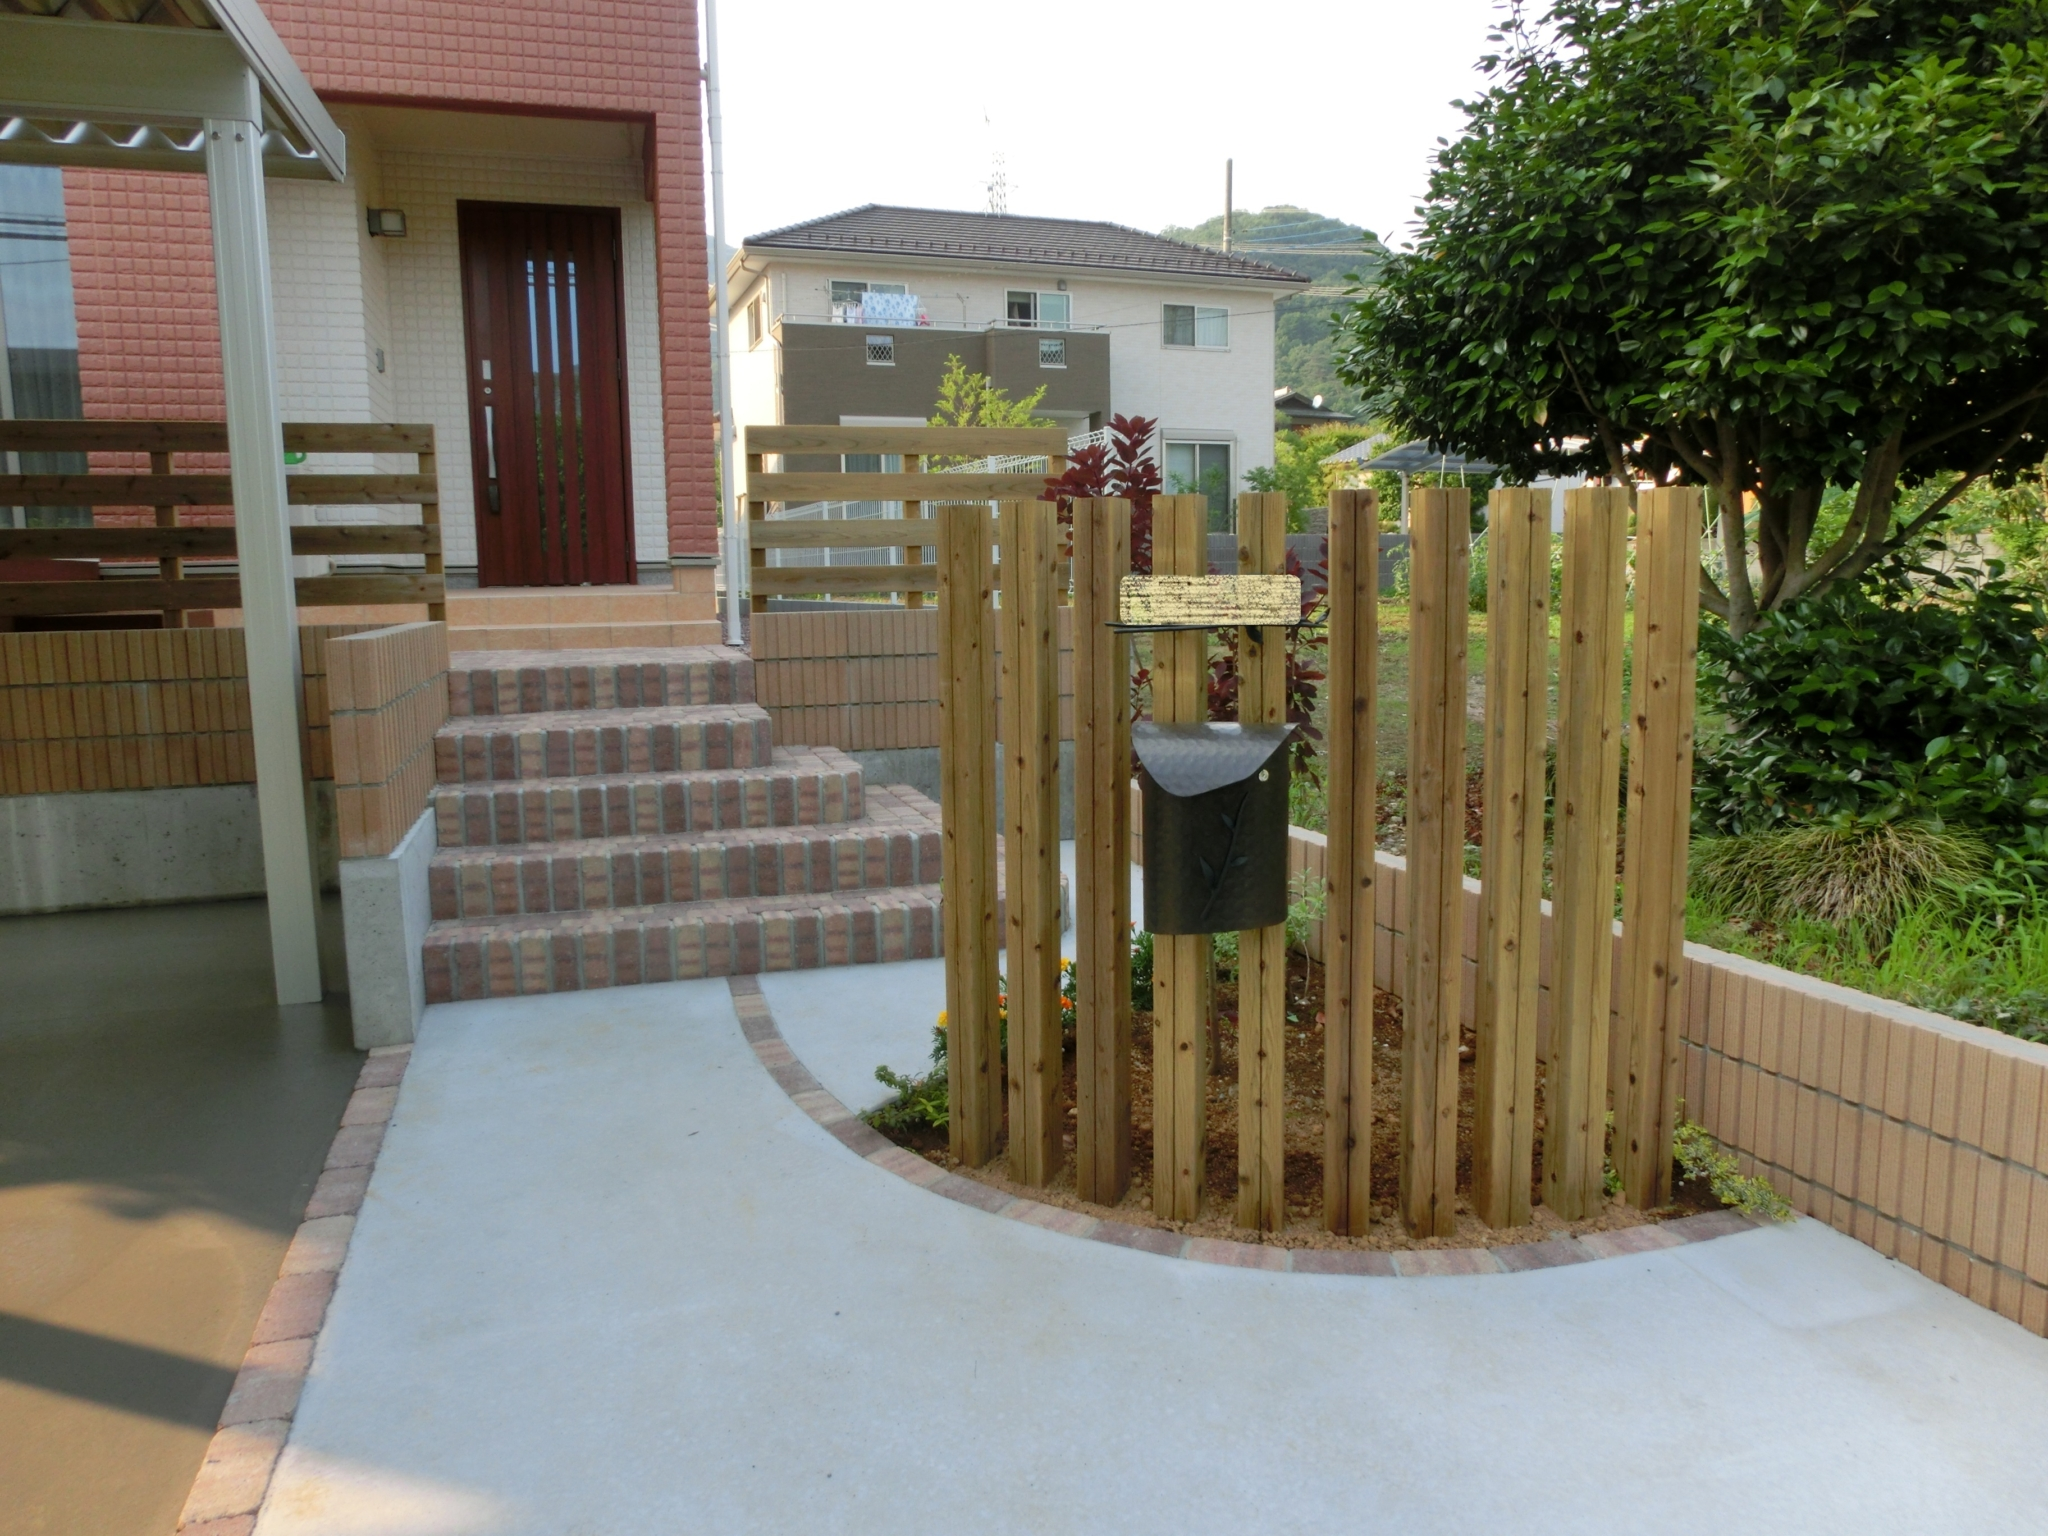 スリット門柱のあるアプローチ|秩父郡長瀞町 N様邸の外構、エクステリア、植栽工事